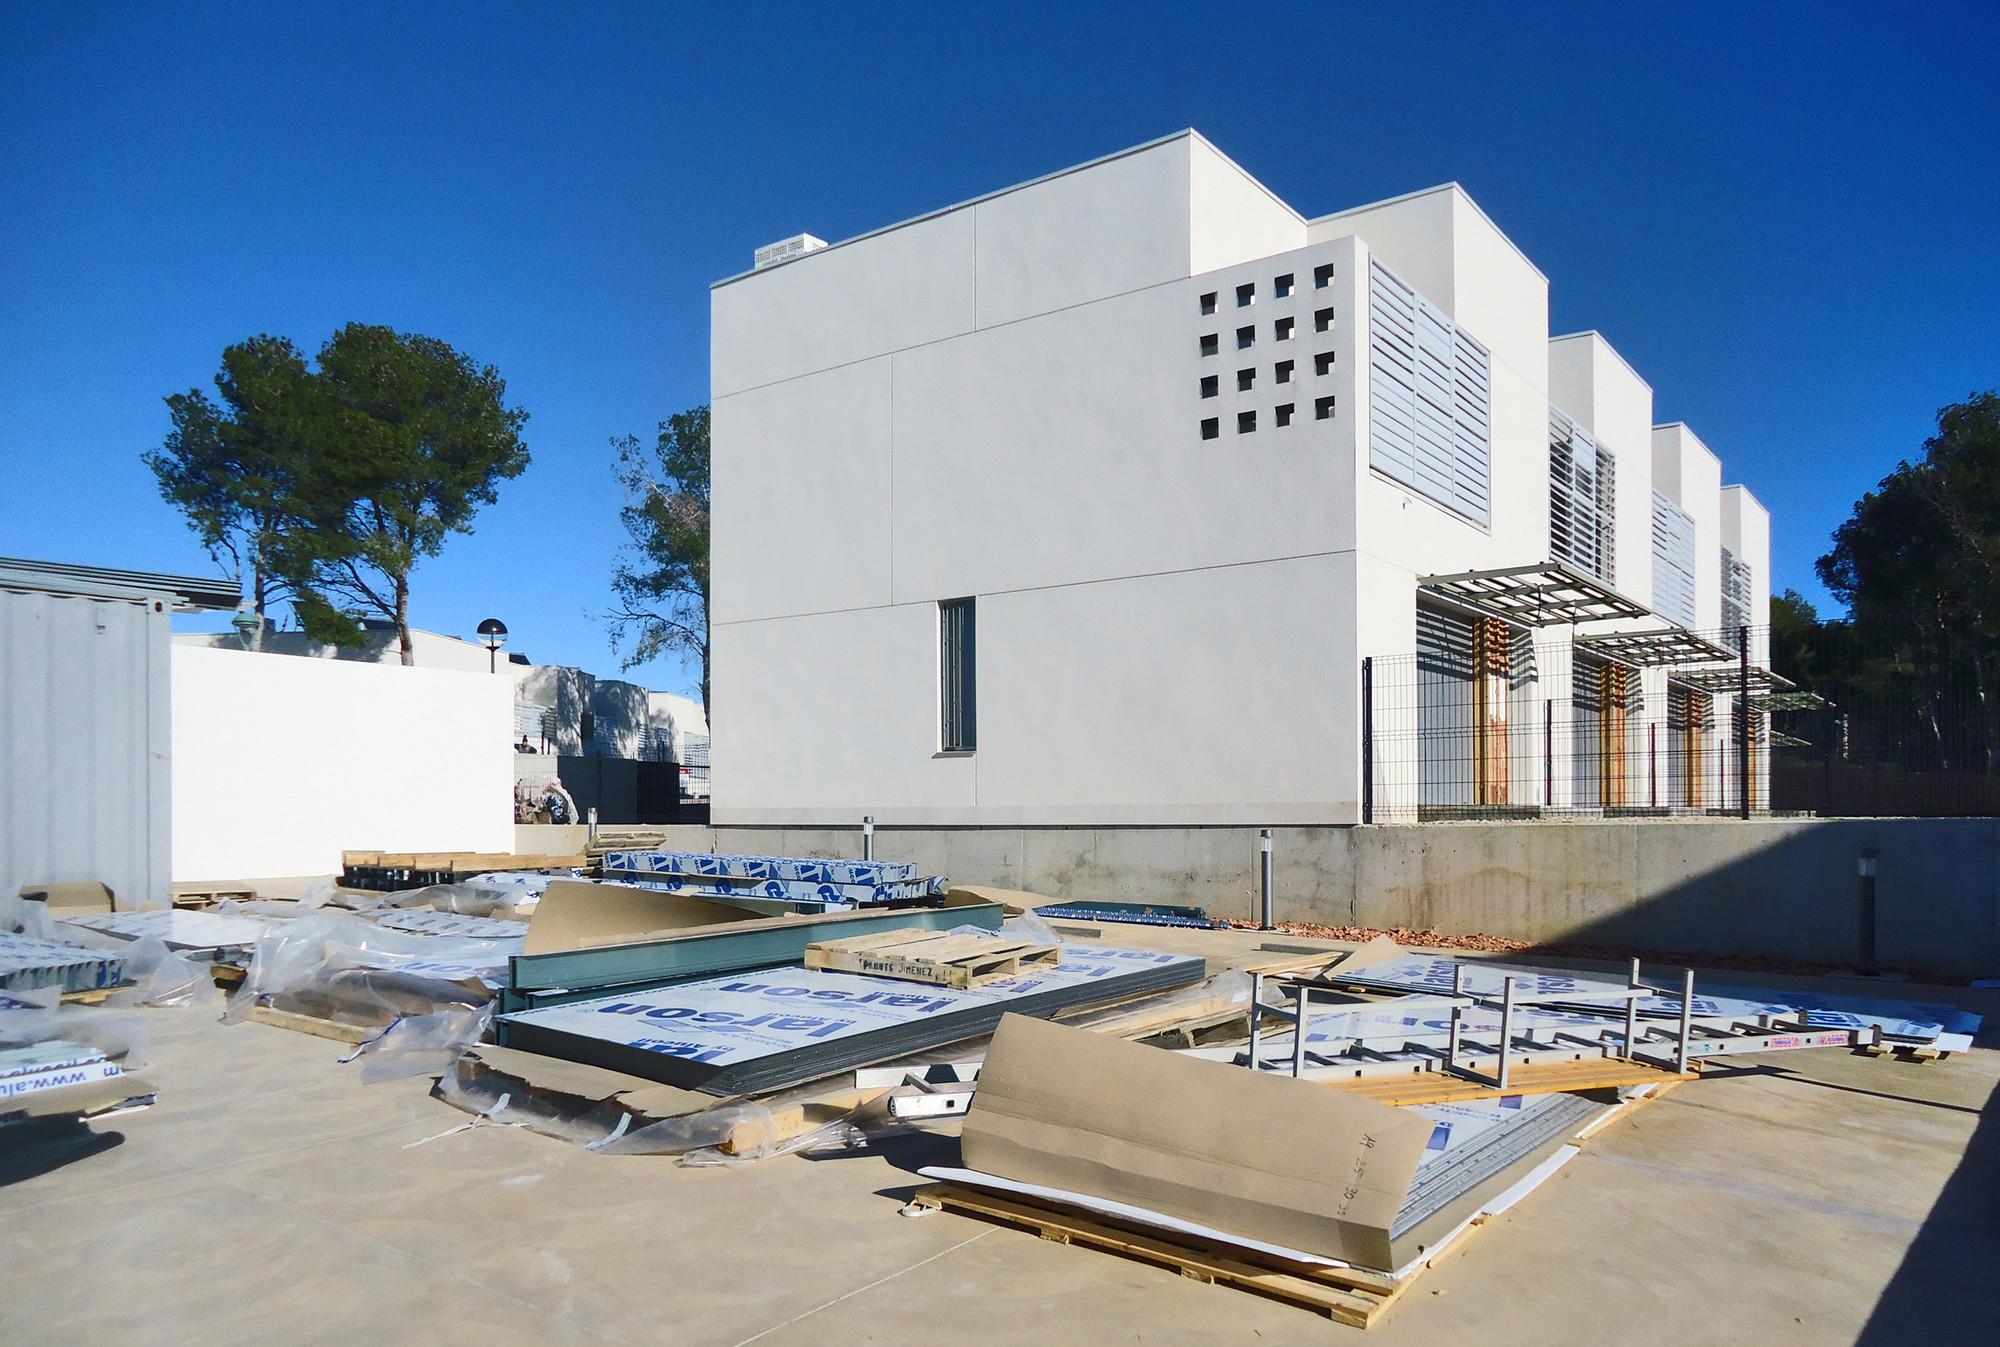 52 Viviendas Sociales en Rodolat / Aguilera | Guerrero Arquitectos, Cortesia de Aguilera | Guerrero Arquitectos